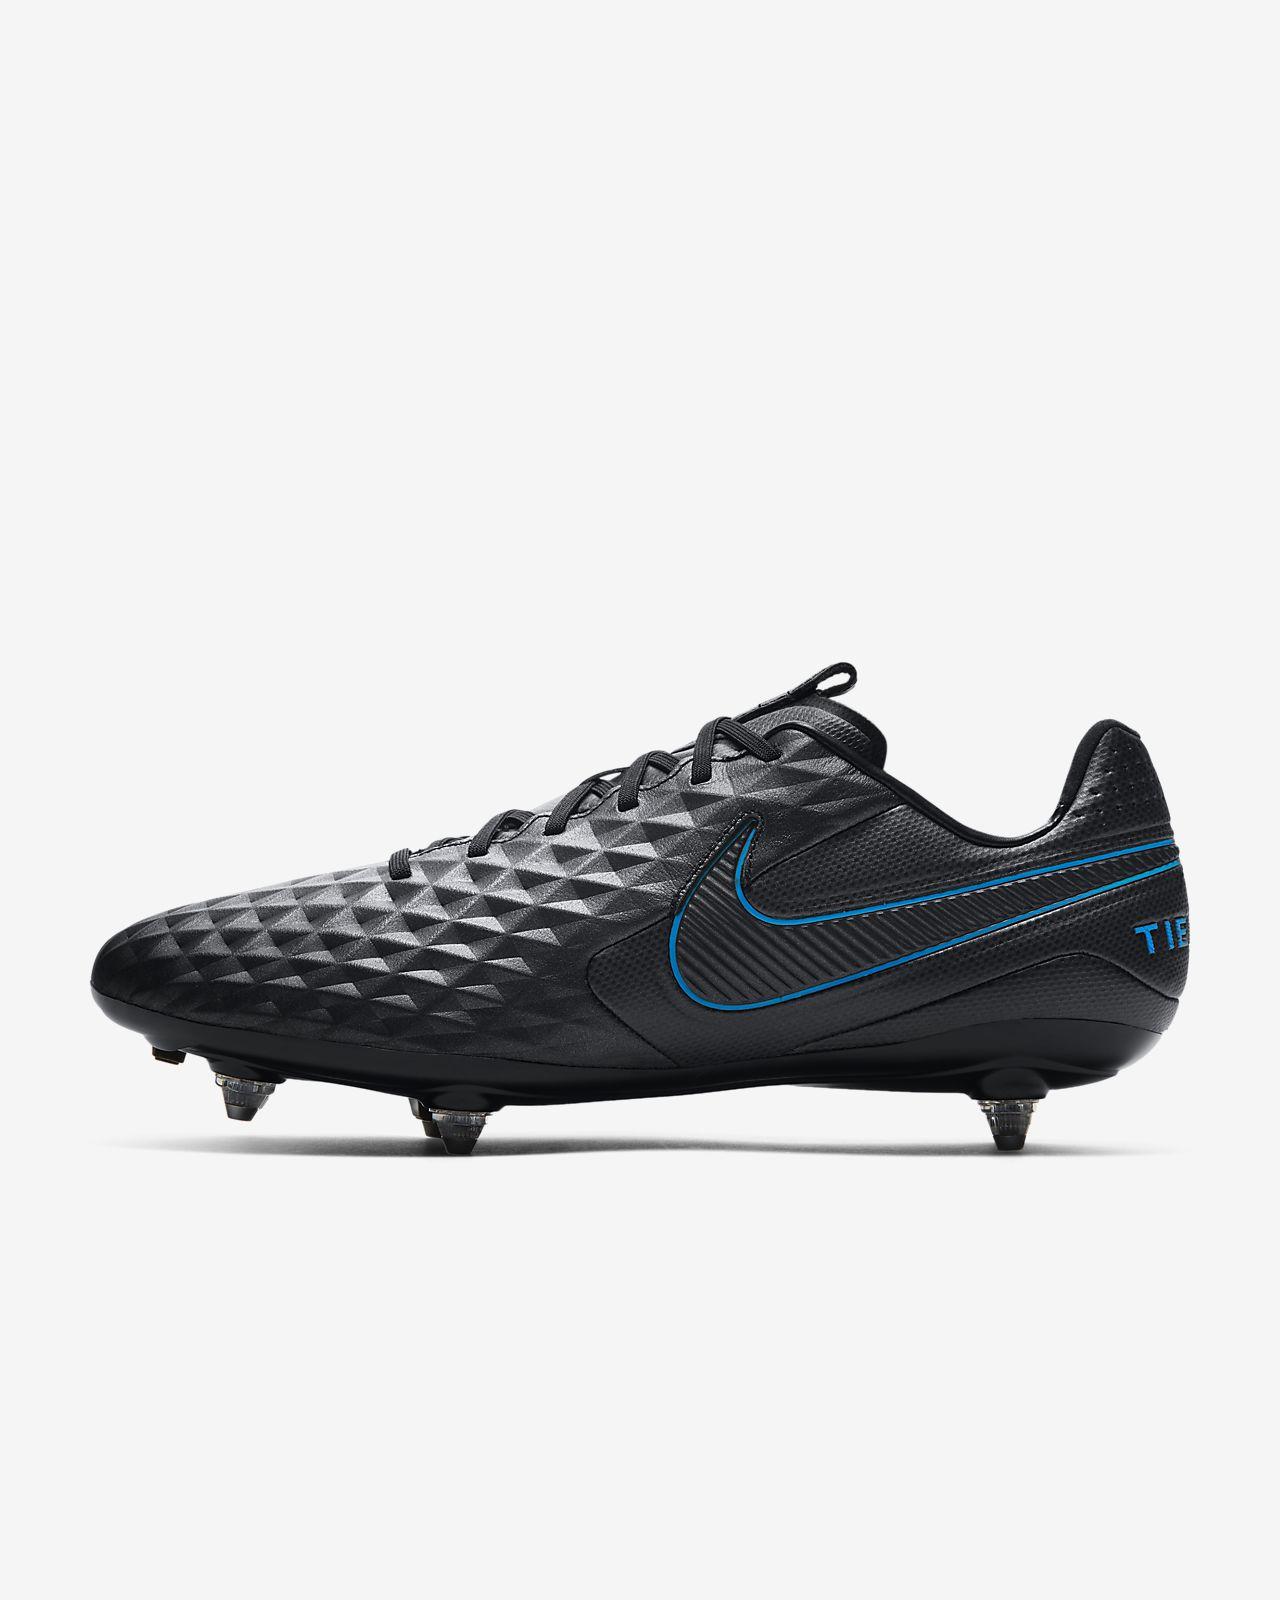 Ποδοσφαιρικό παπούτσι για μαλακές επιφάνειες Nike Tiempo Legend 8 Pro SG